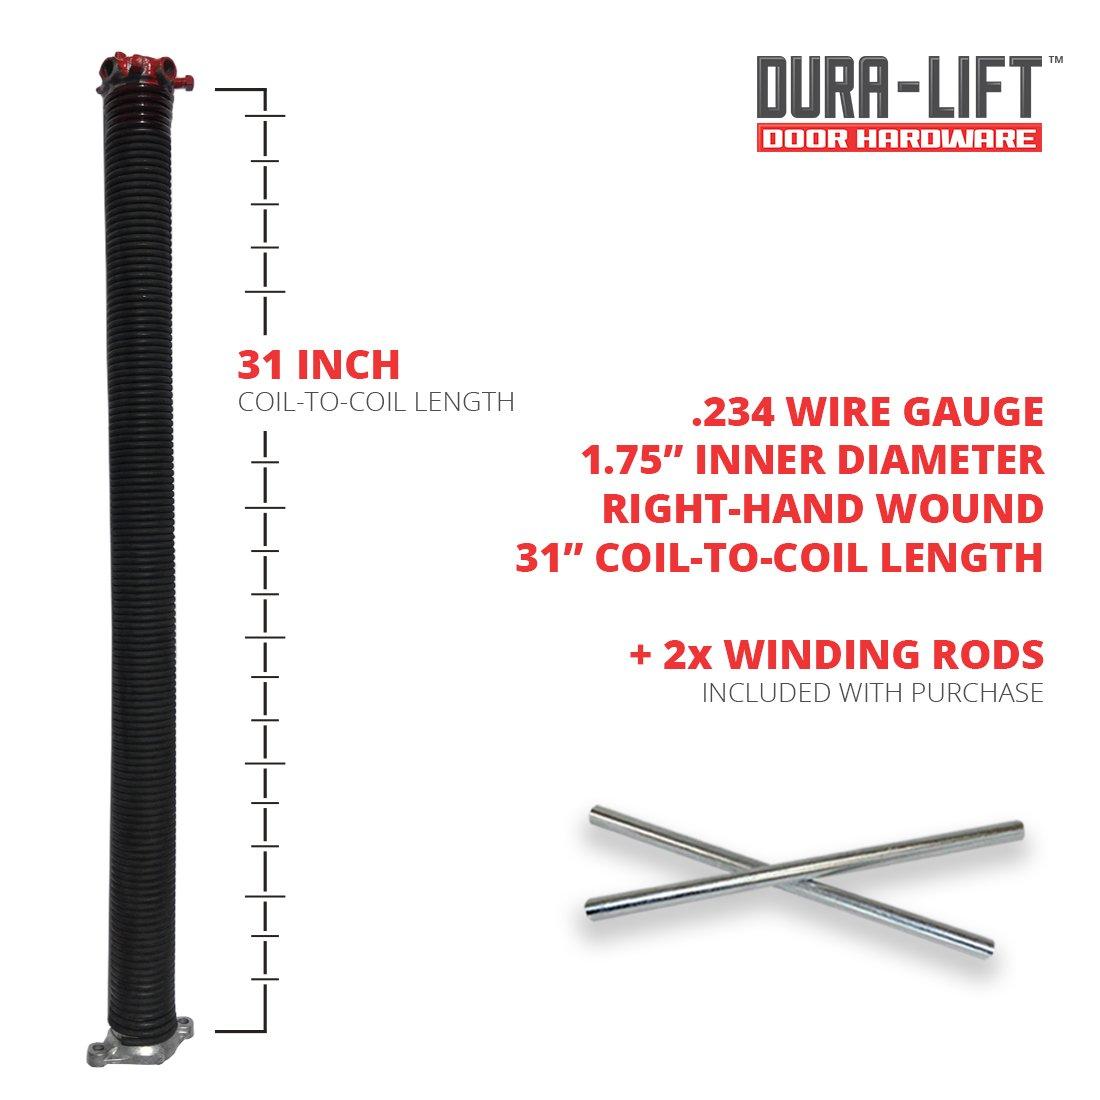 DURA-LIFT .234 x 1.75 x 31 Torsion Garage Door Spring Brown, Right Wound